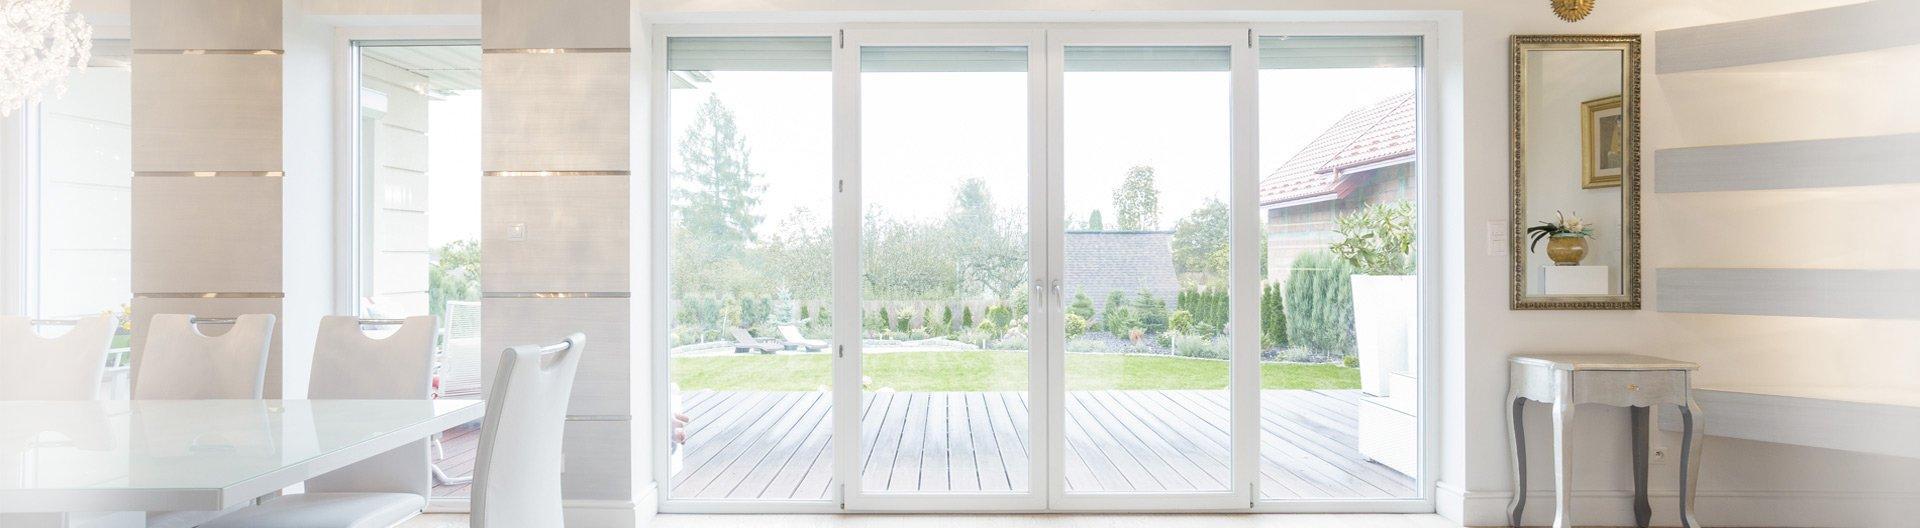 finestre-pvc-ecobonus-cessione-del-credito